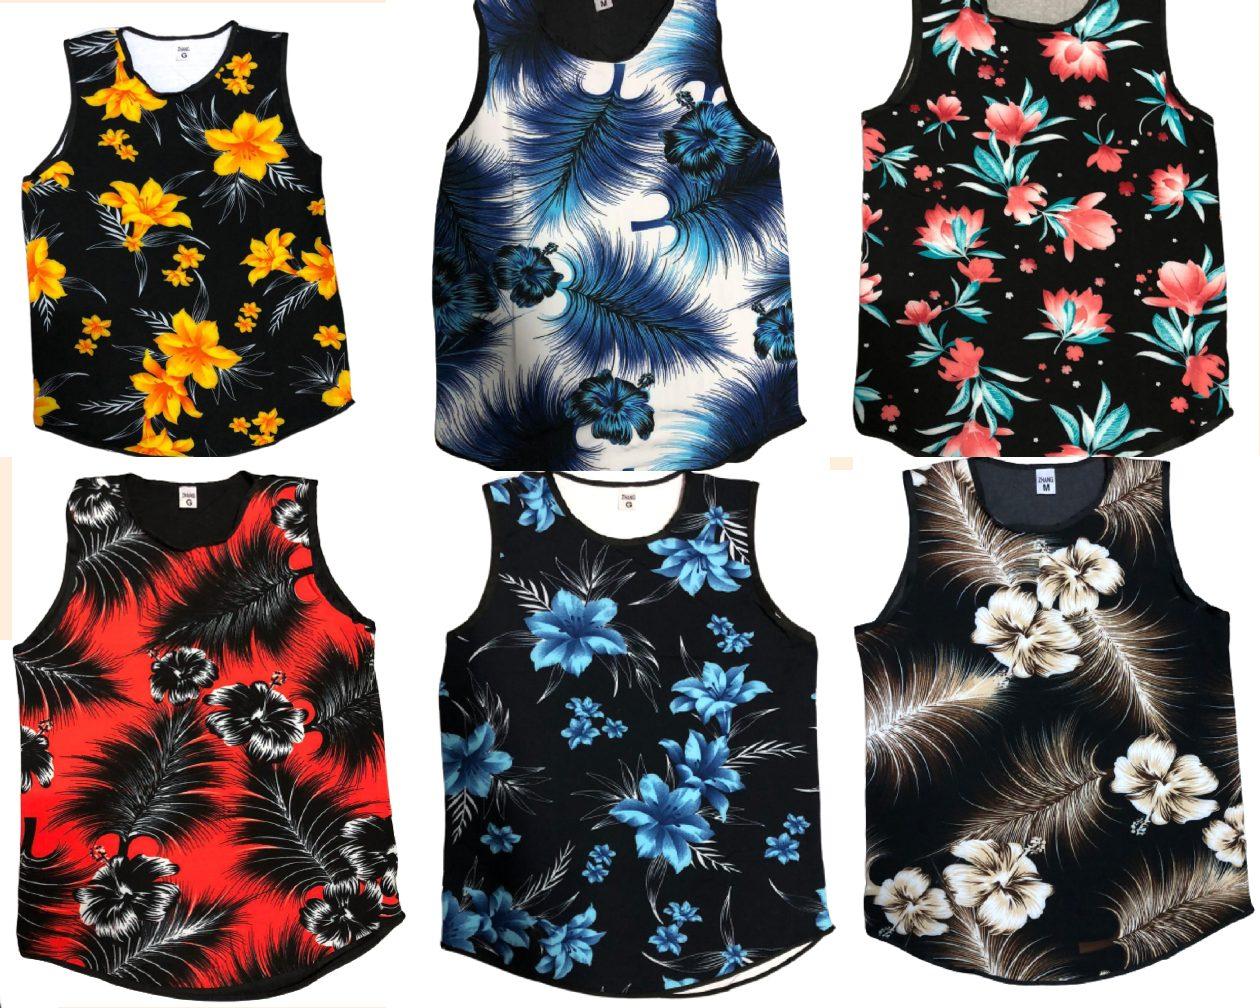 Kit 8 Regatas Camisetas Masculinas Long Ling Swag Florida Estampadas Floral